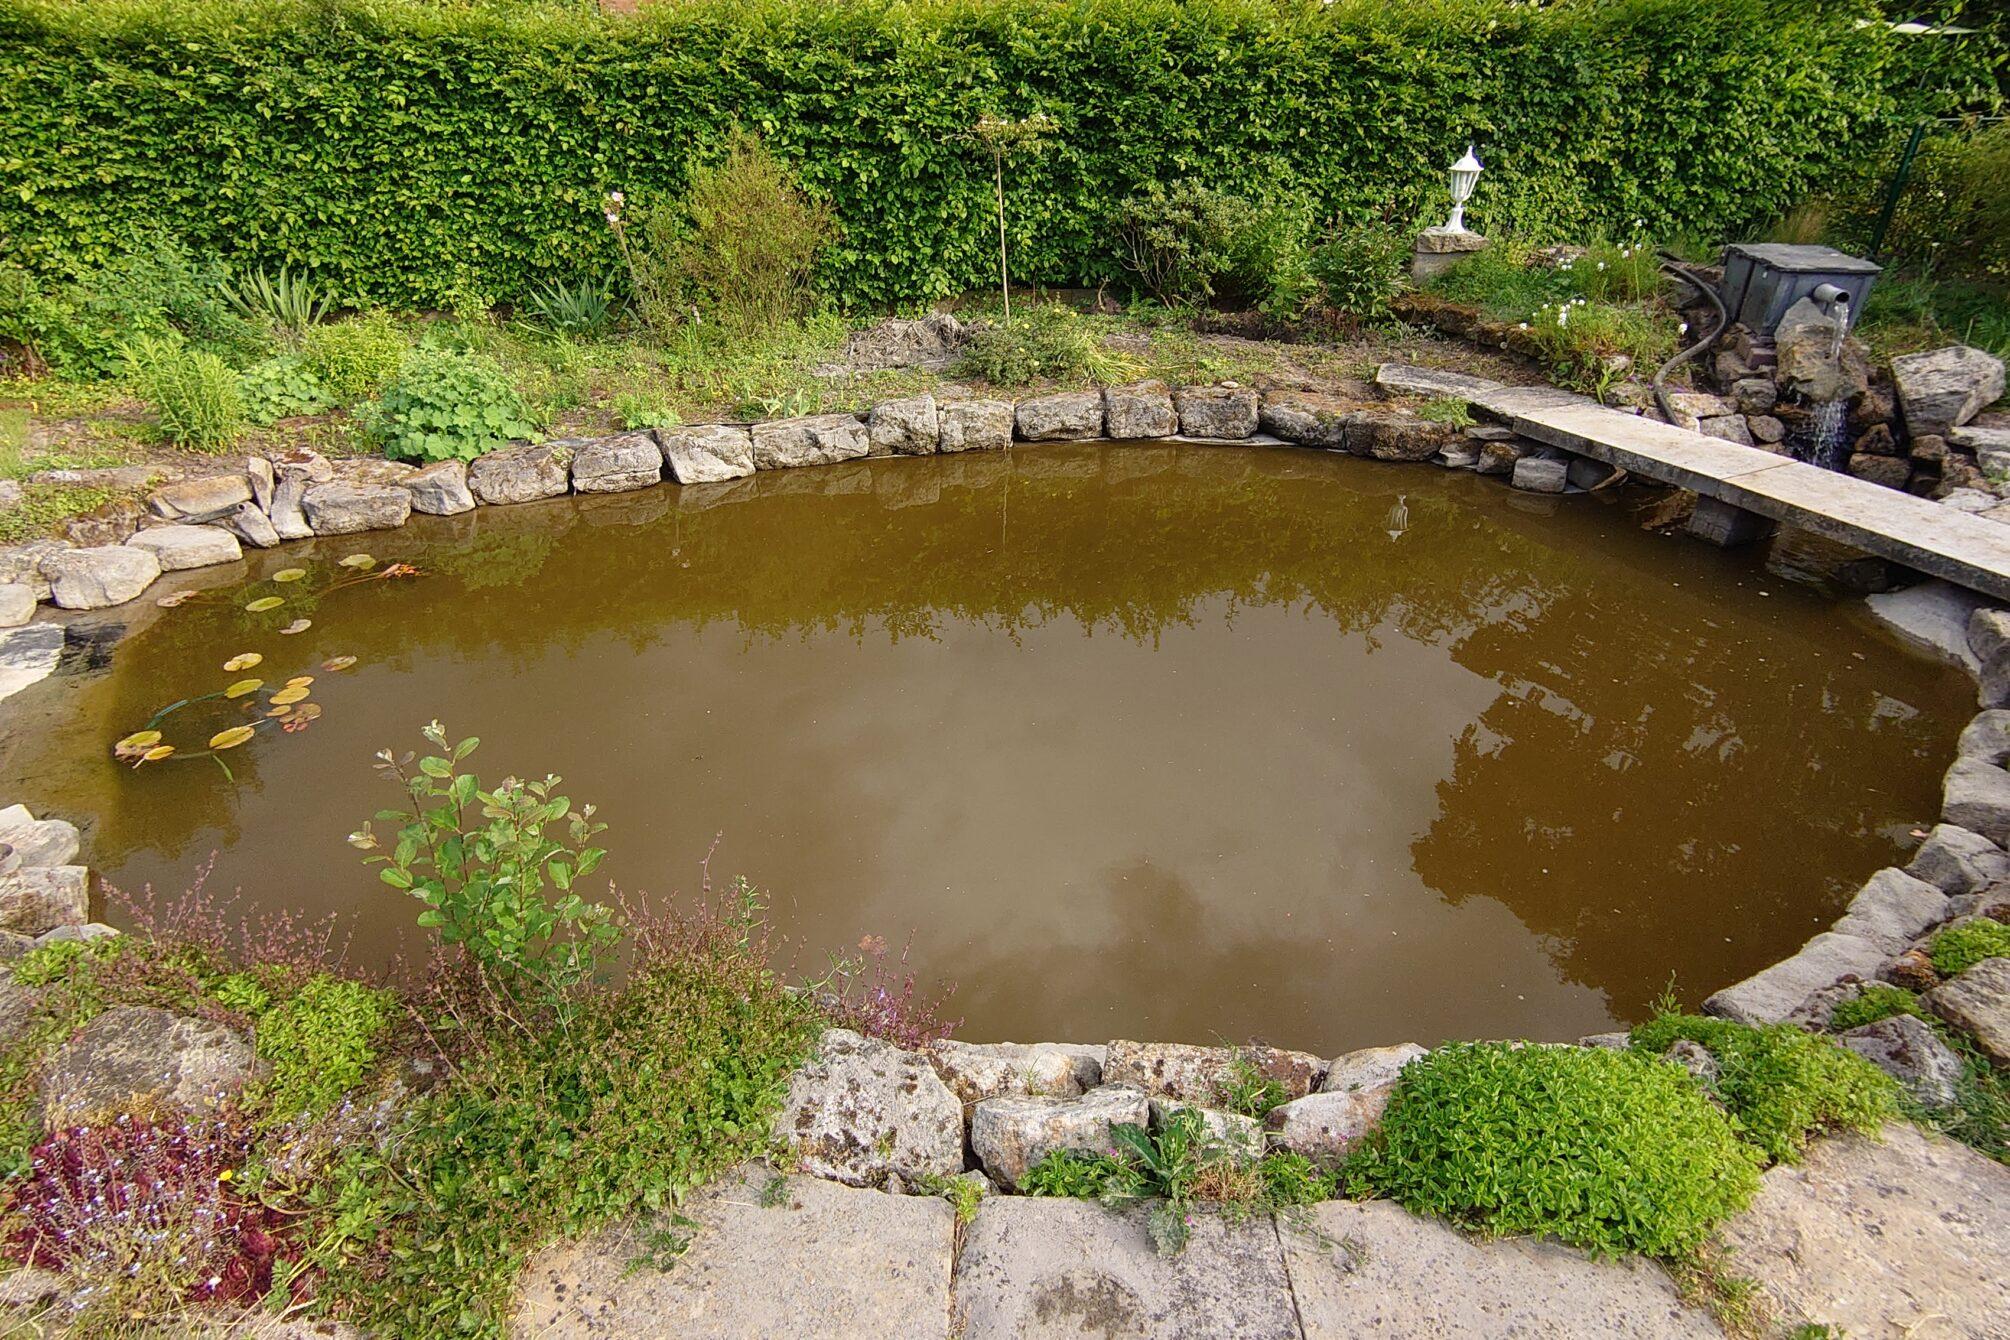 Weitwinkelaufnahmen des Teichs